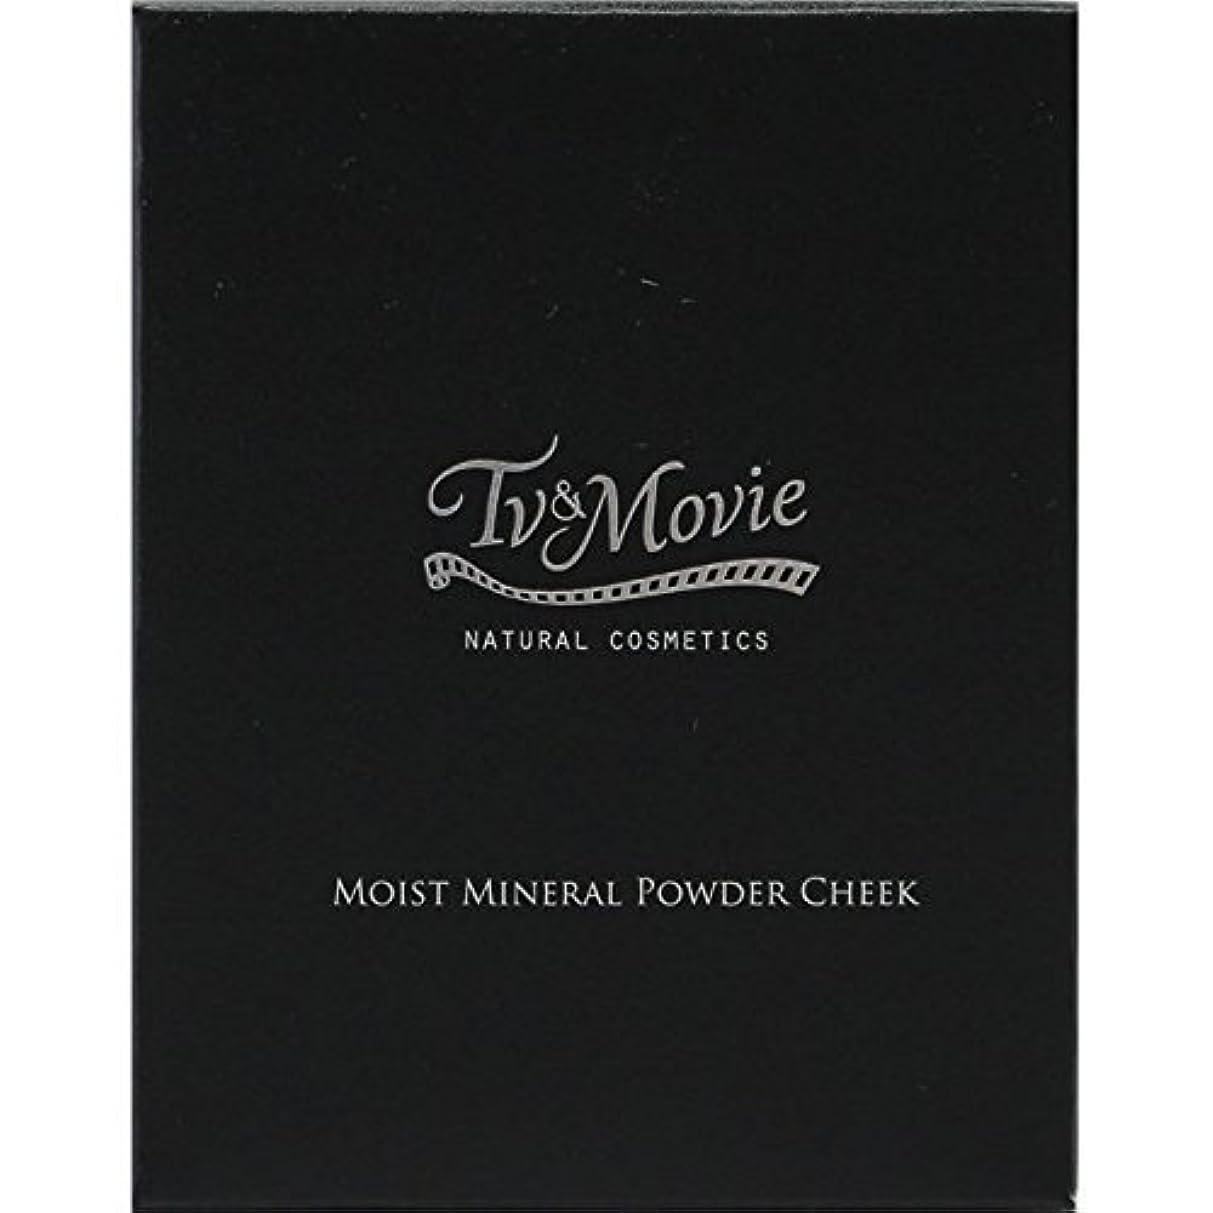 動的フレキシブル飼料Tv&Movie モイストミネラル パウダーチーク 02 スイートオレンジ 5g